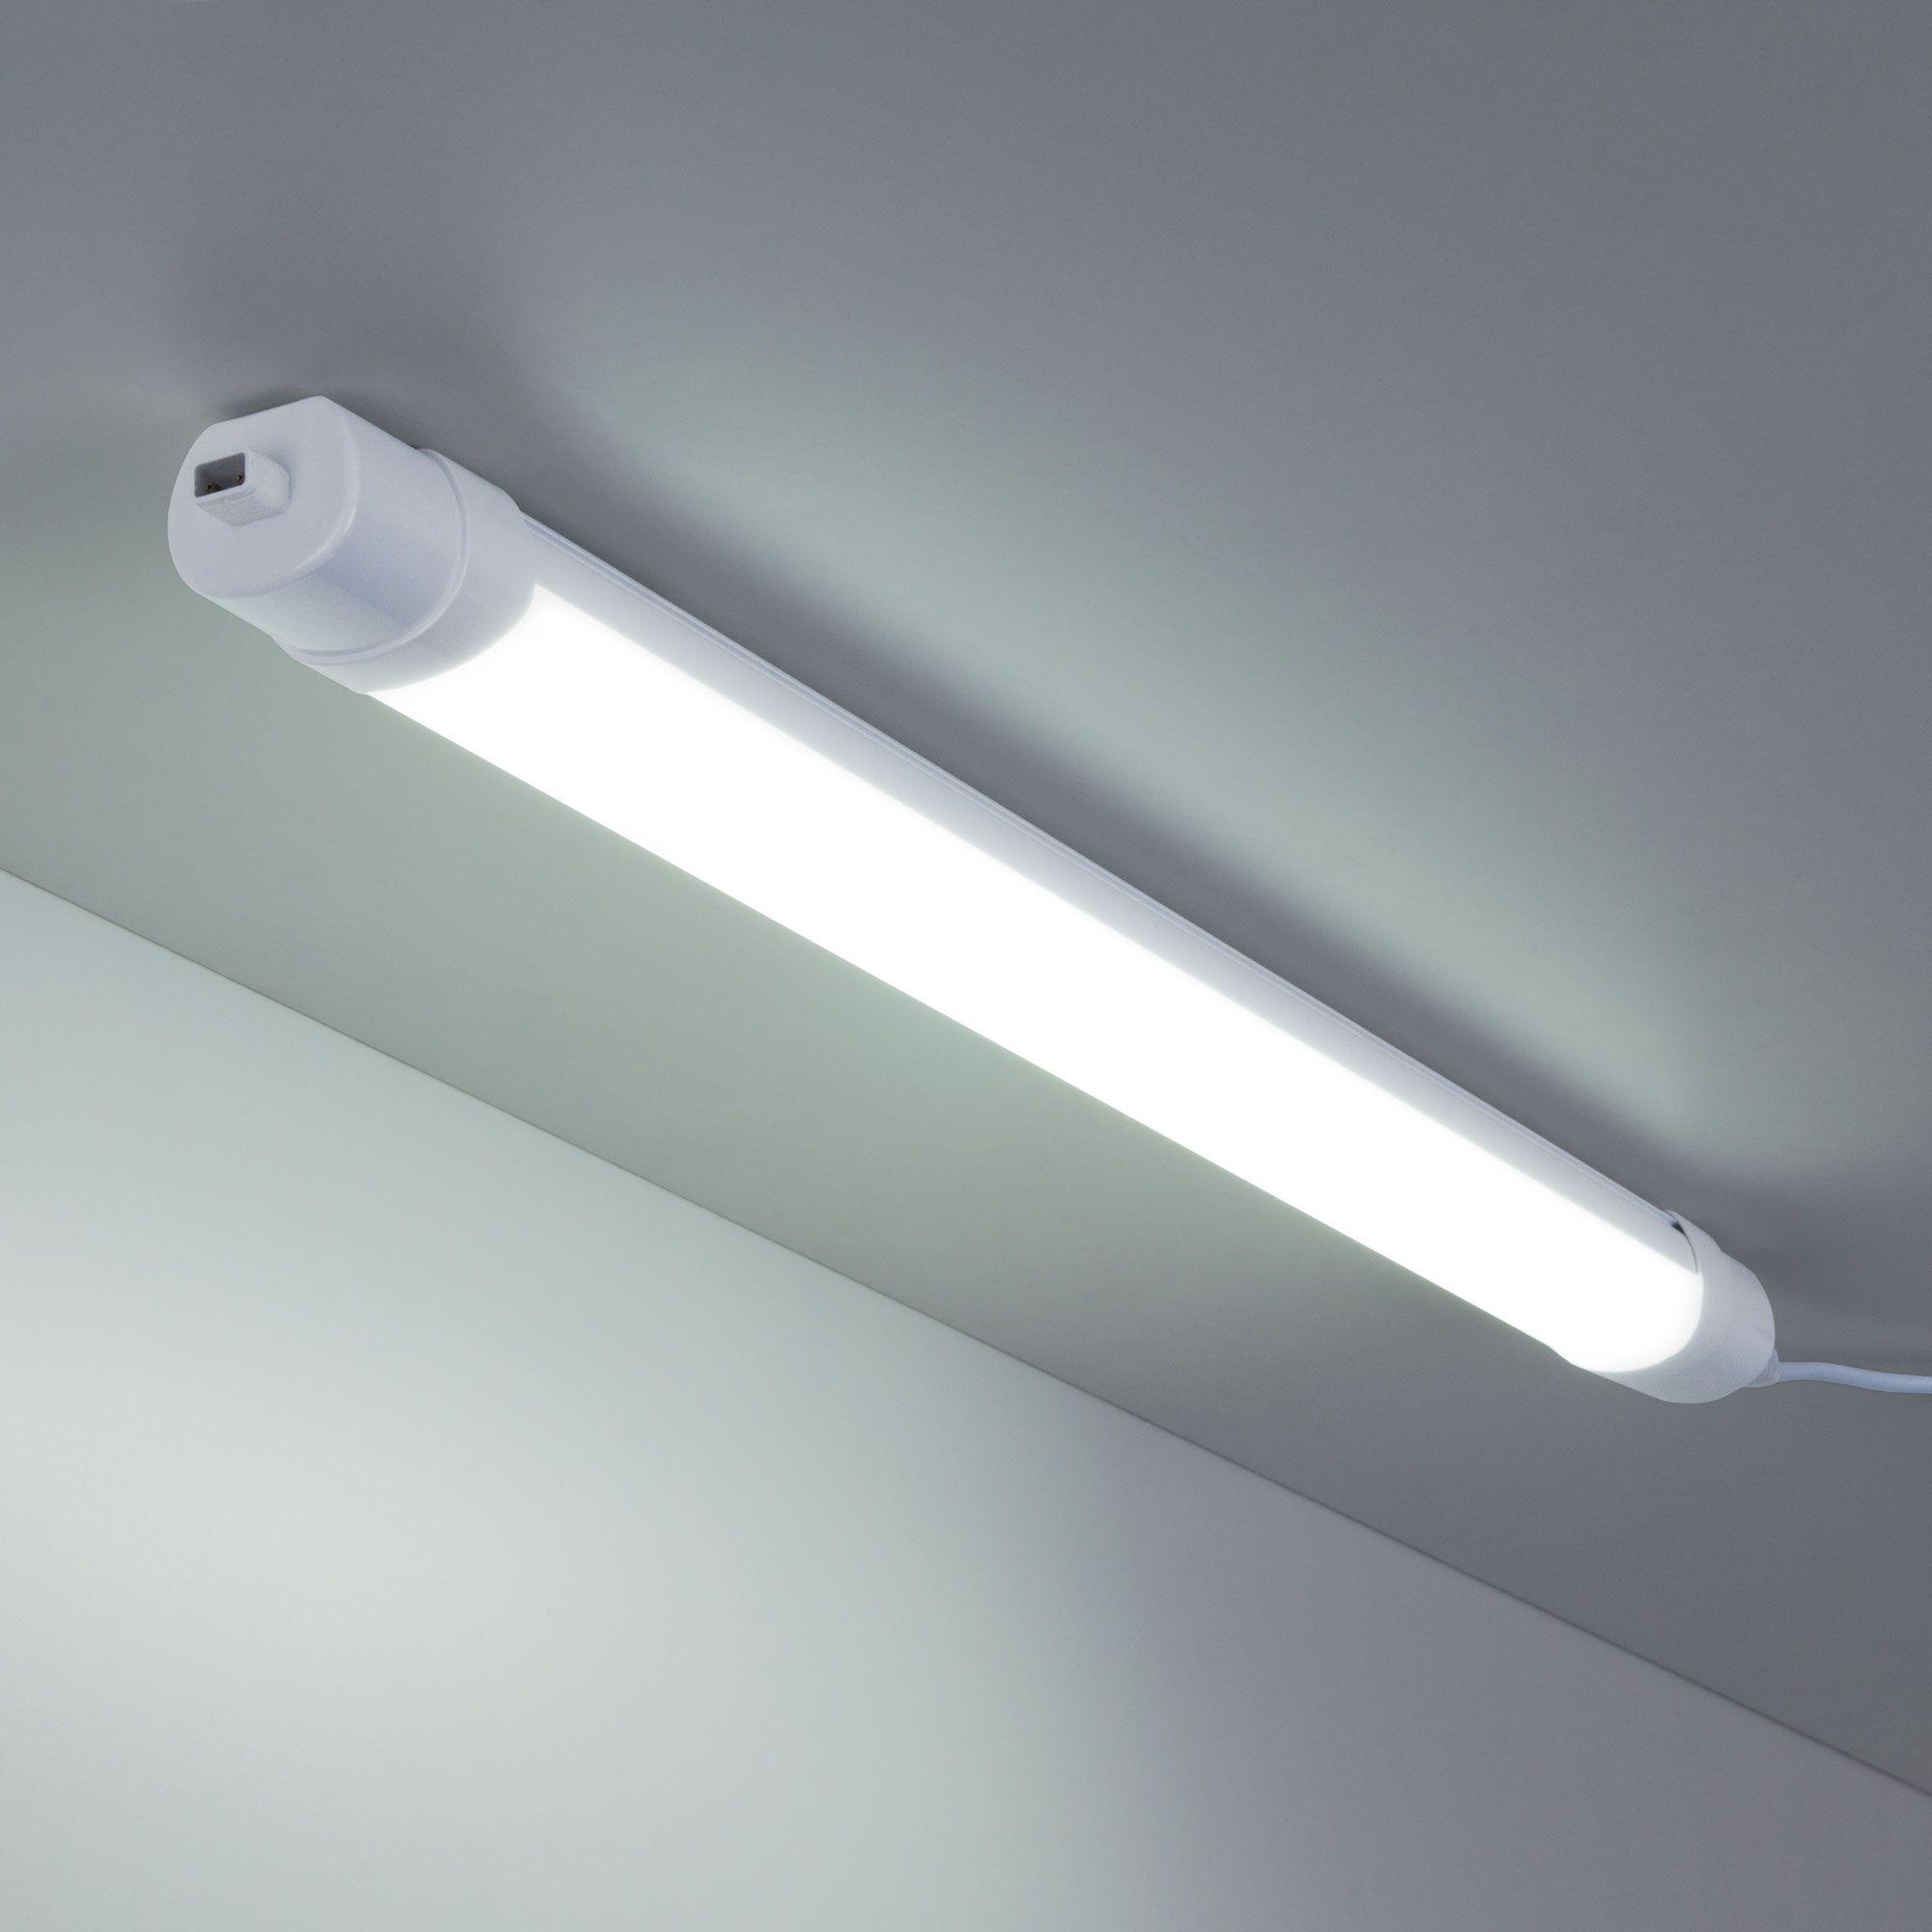 Пылевлагозащищенный светодиодный светильник 18 Вт 6500 K IP65 LTB35